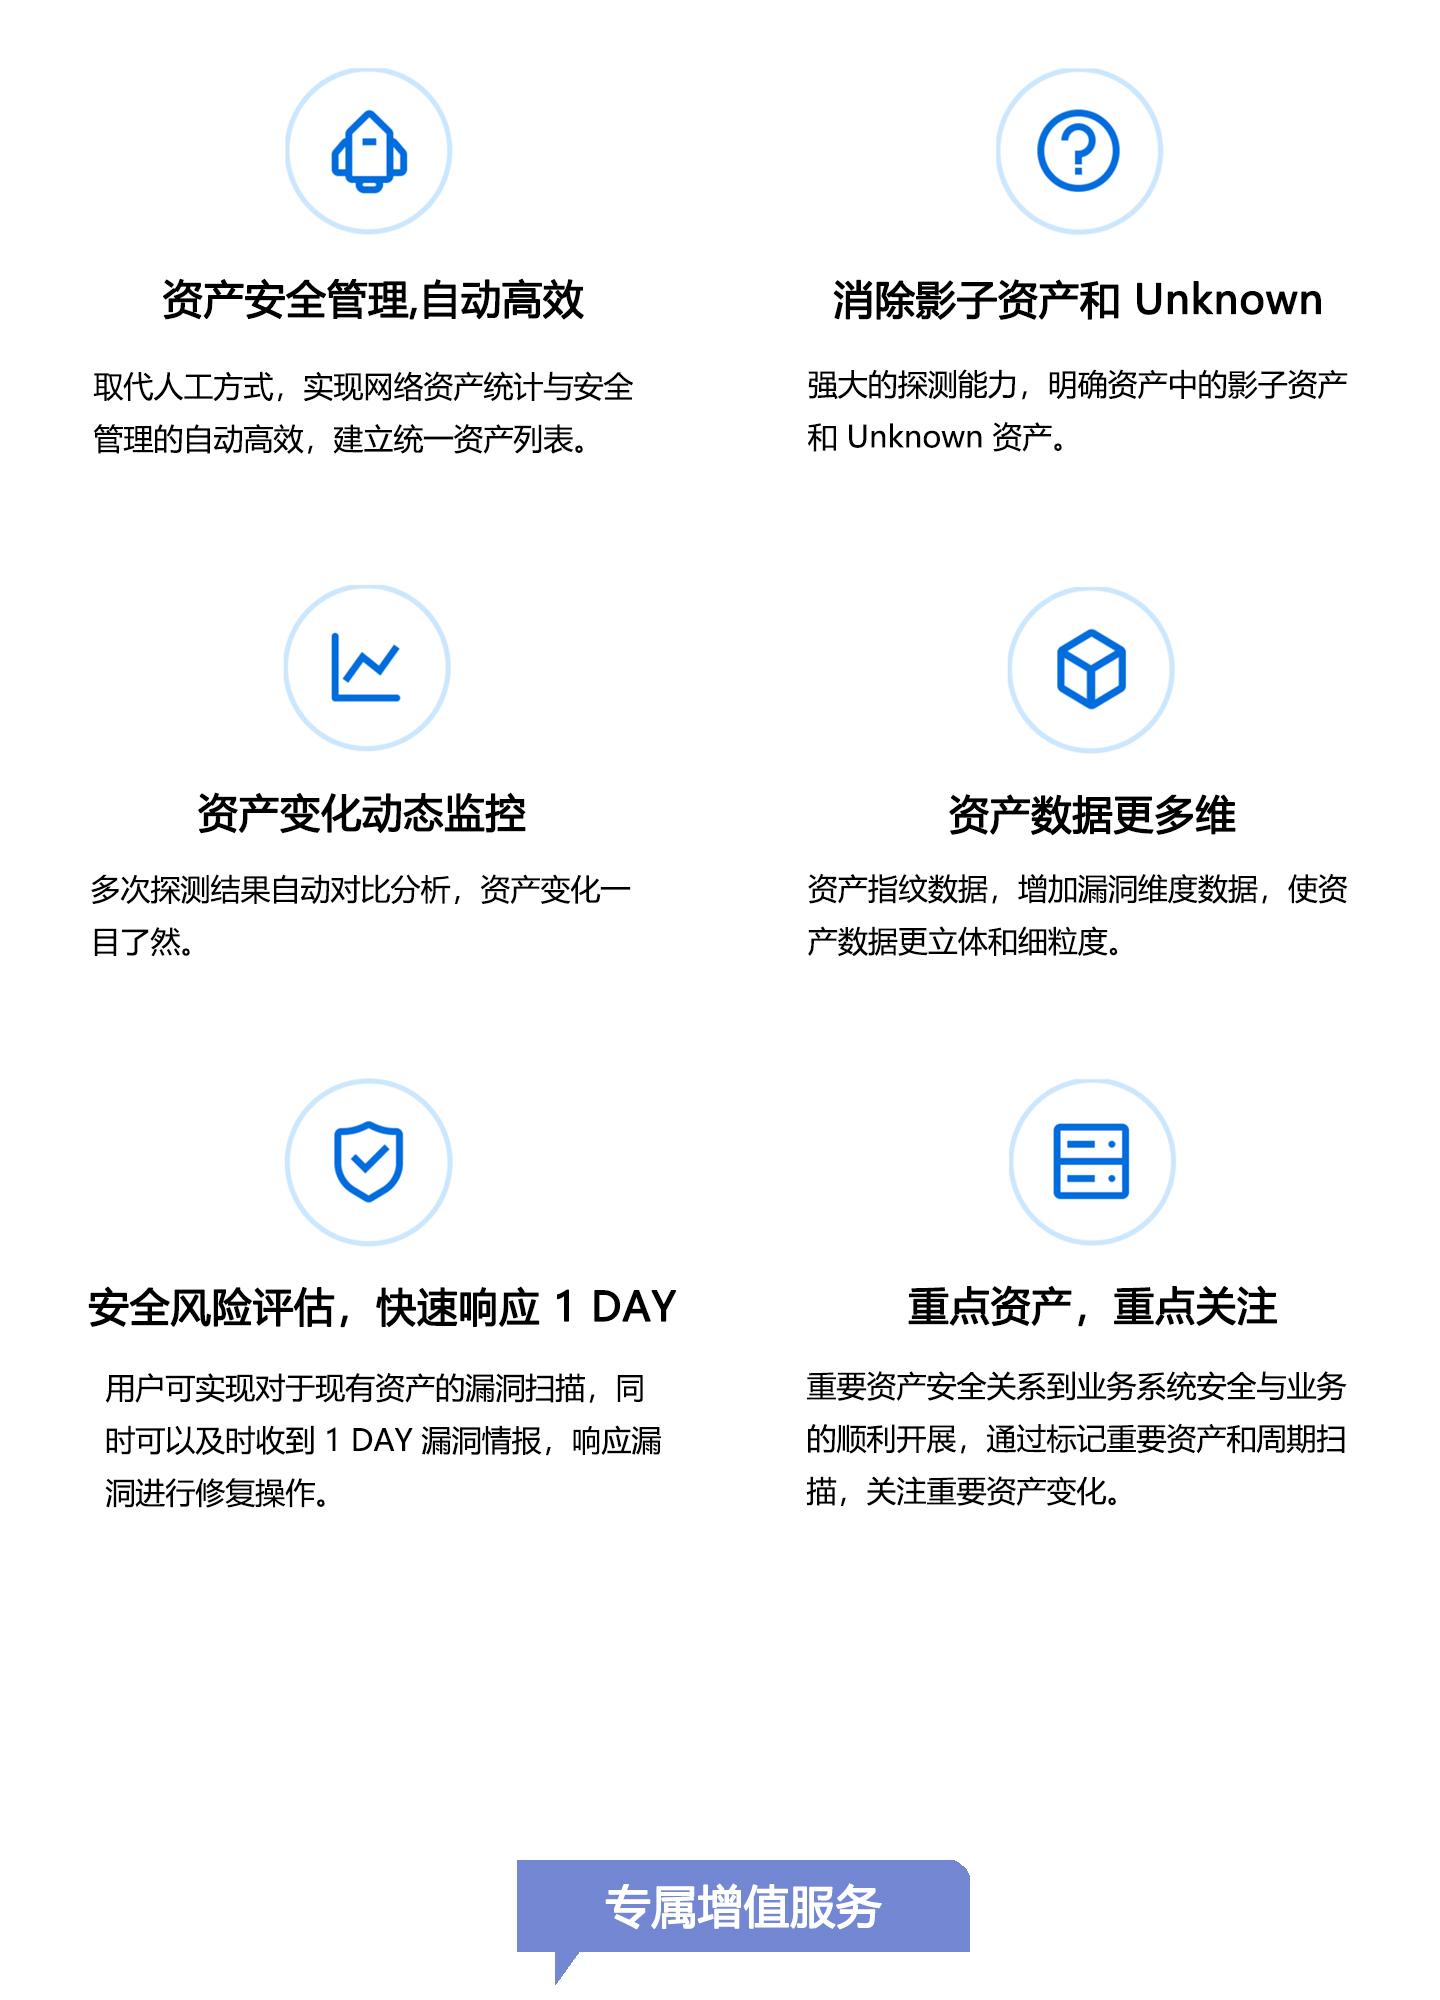 ZoomEye-BE-网络空间资产安全管理系统1440_05.jpg